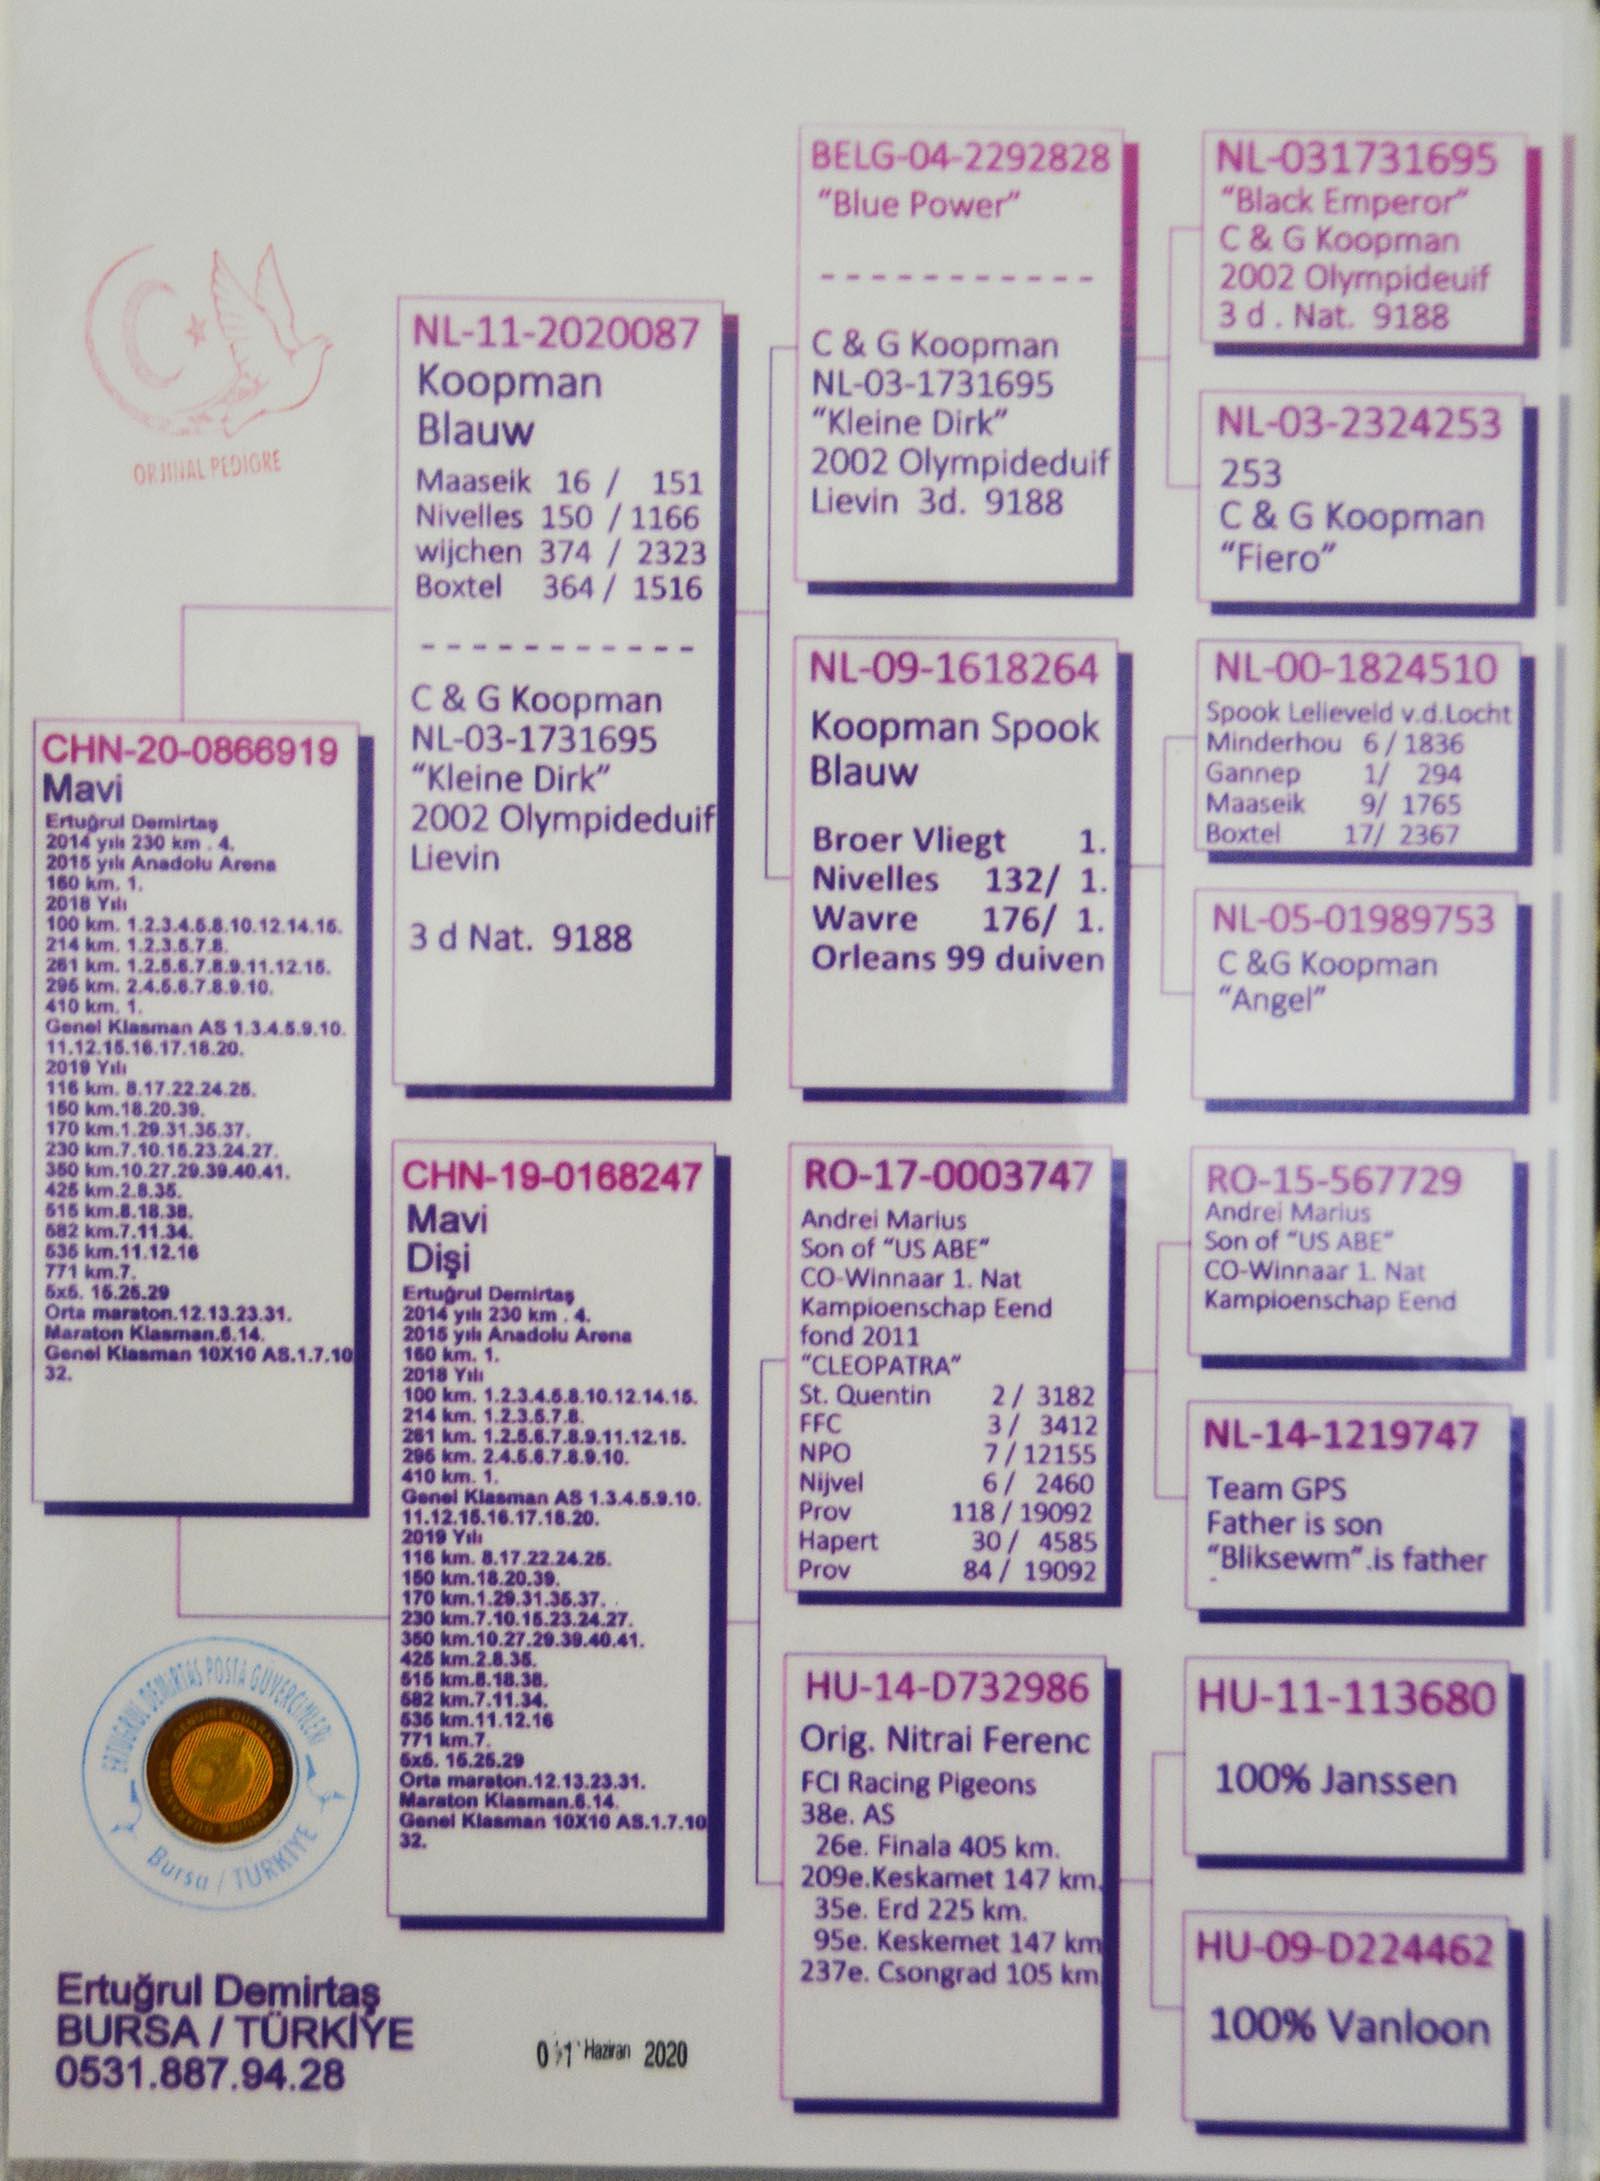 CHN20-0866919 - KOOPMAN - GABY - JANSSEN - V. LOON